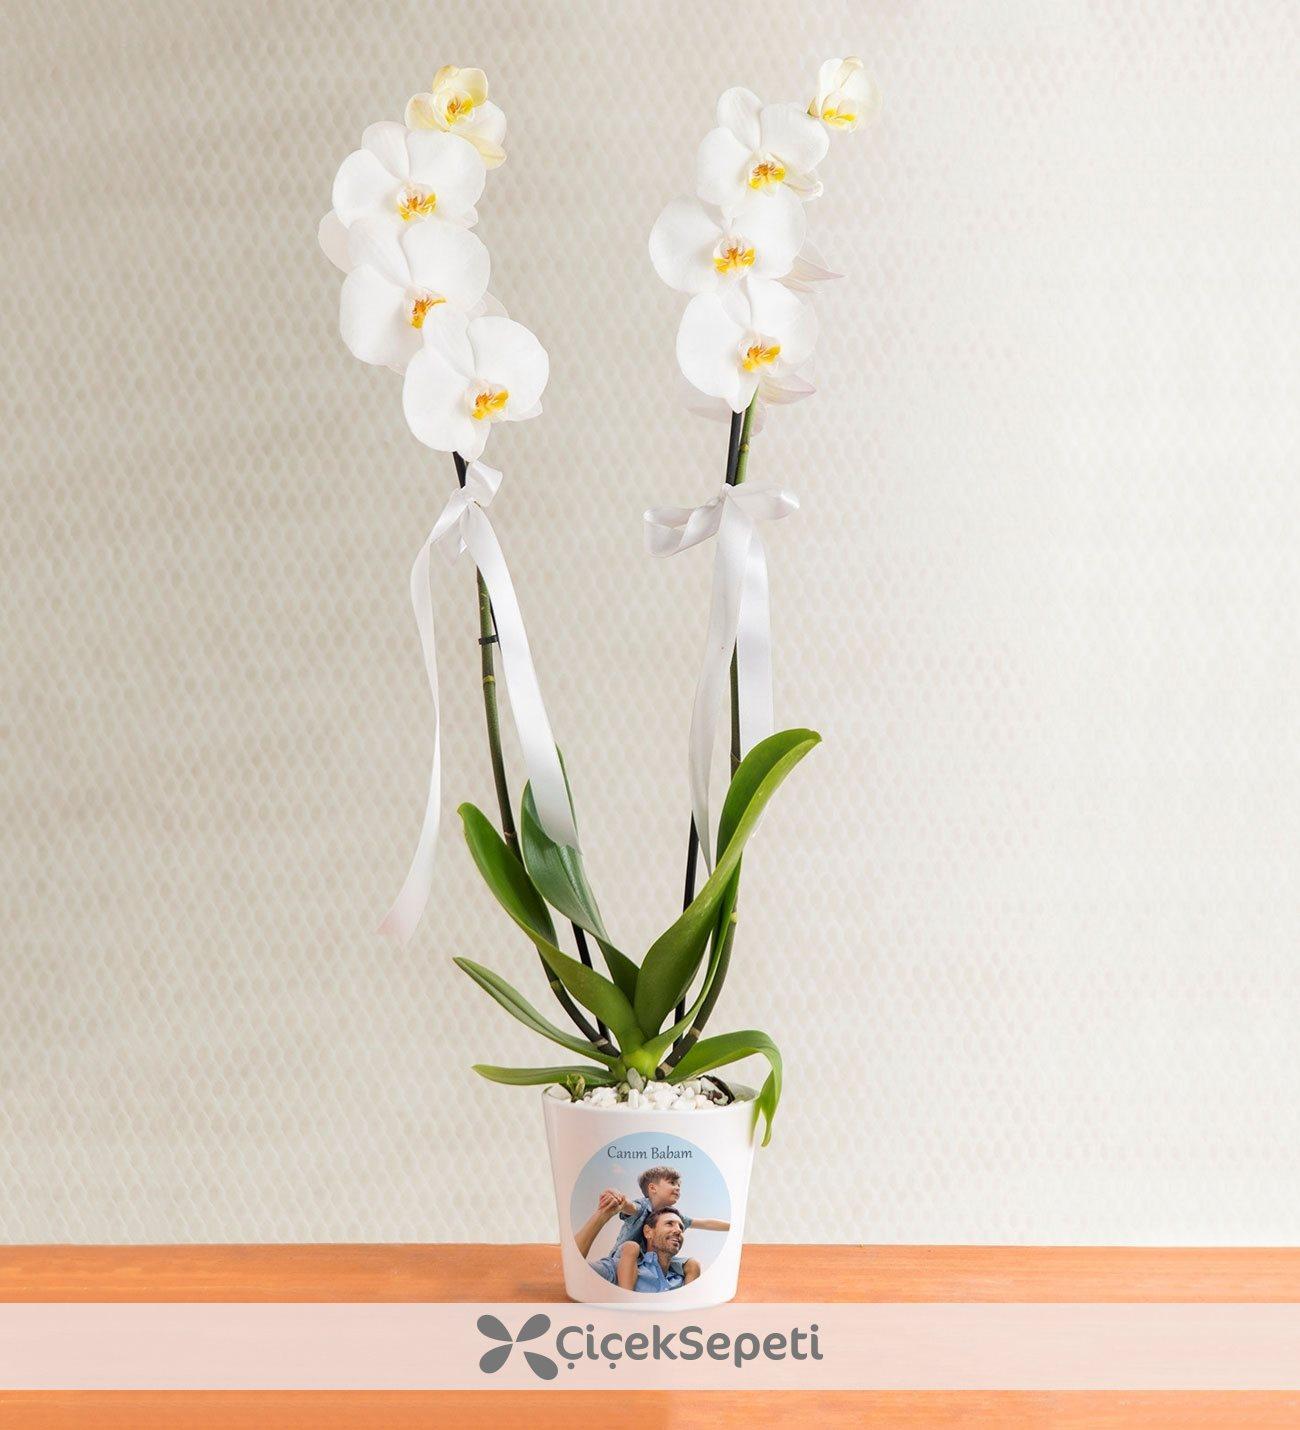 Orkide çiçek yılda birkaç kez nasıl yapılır